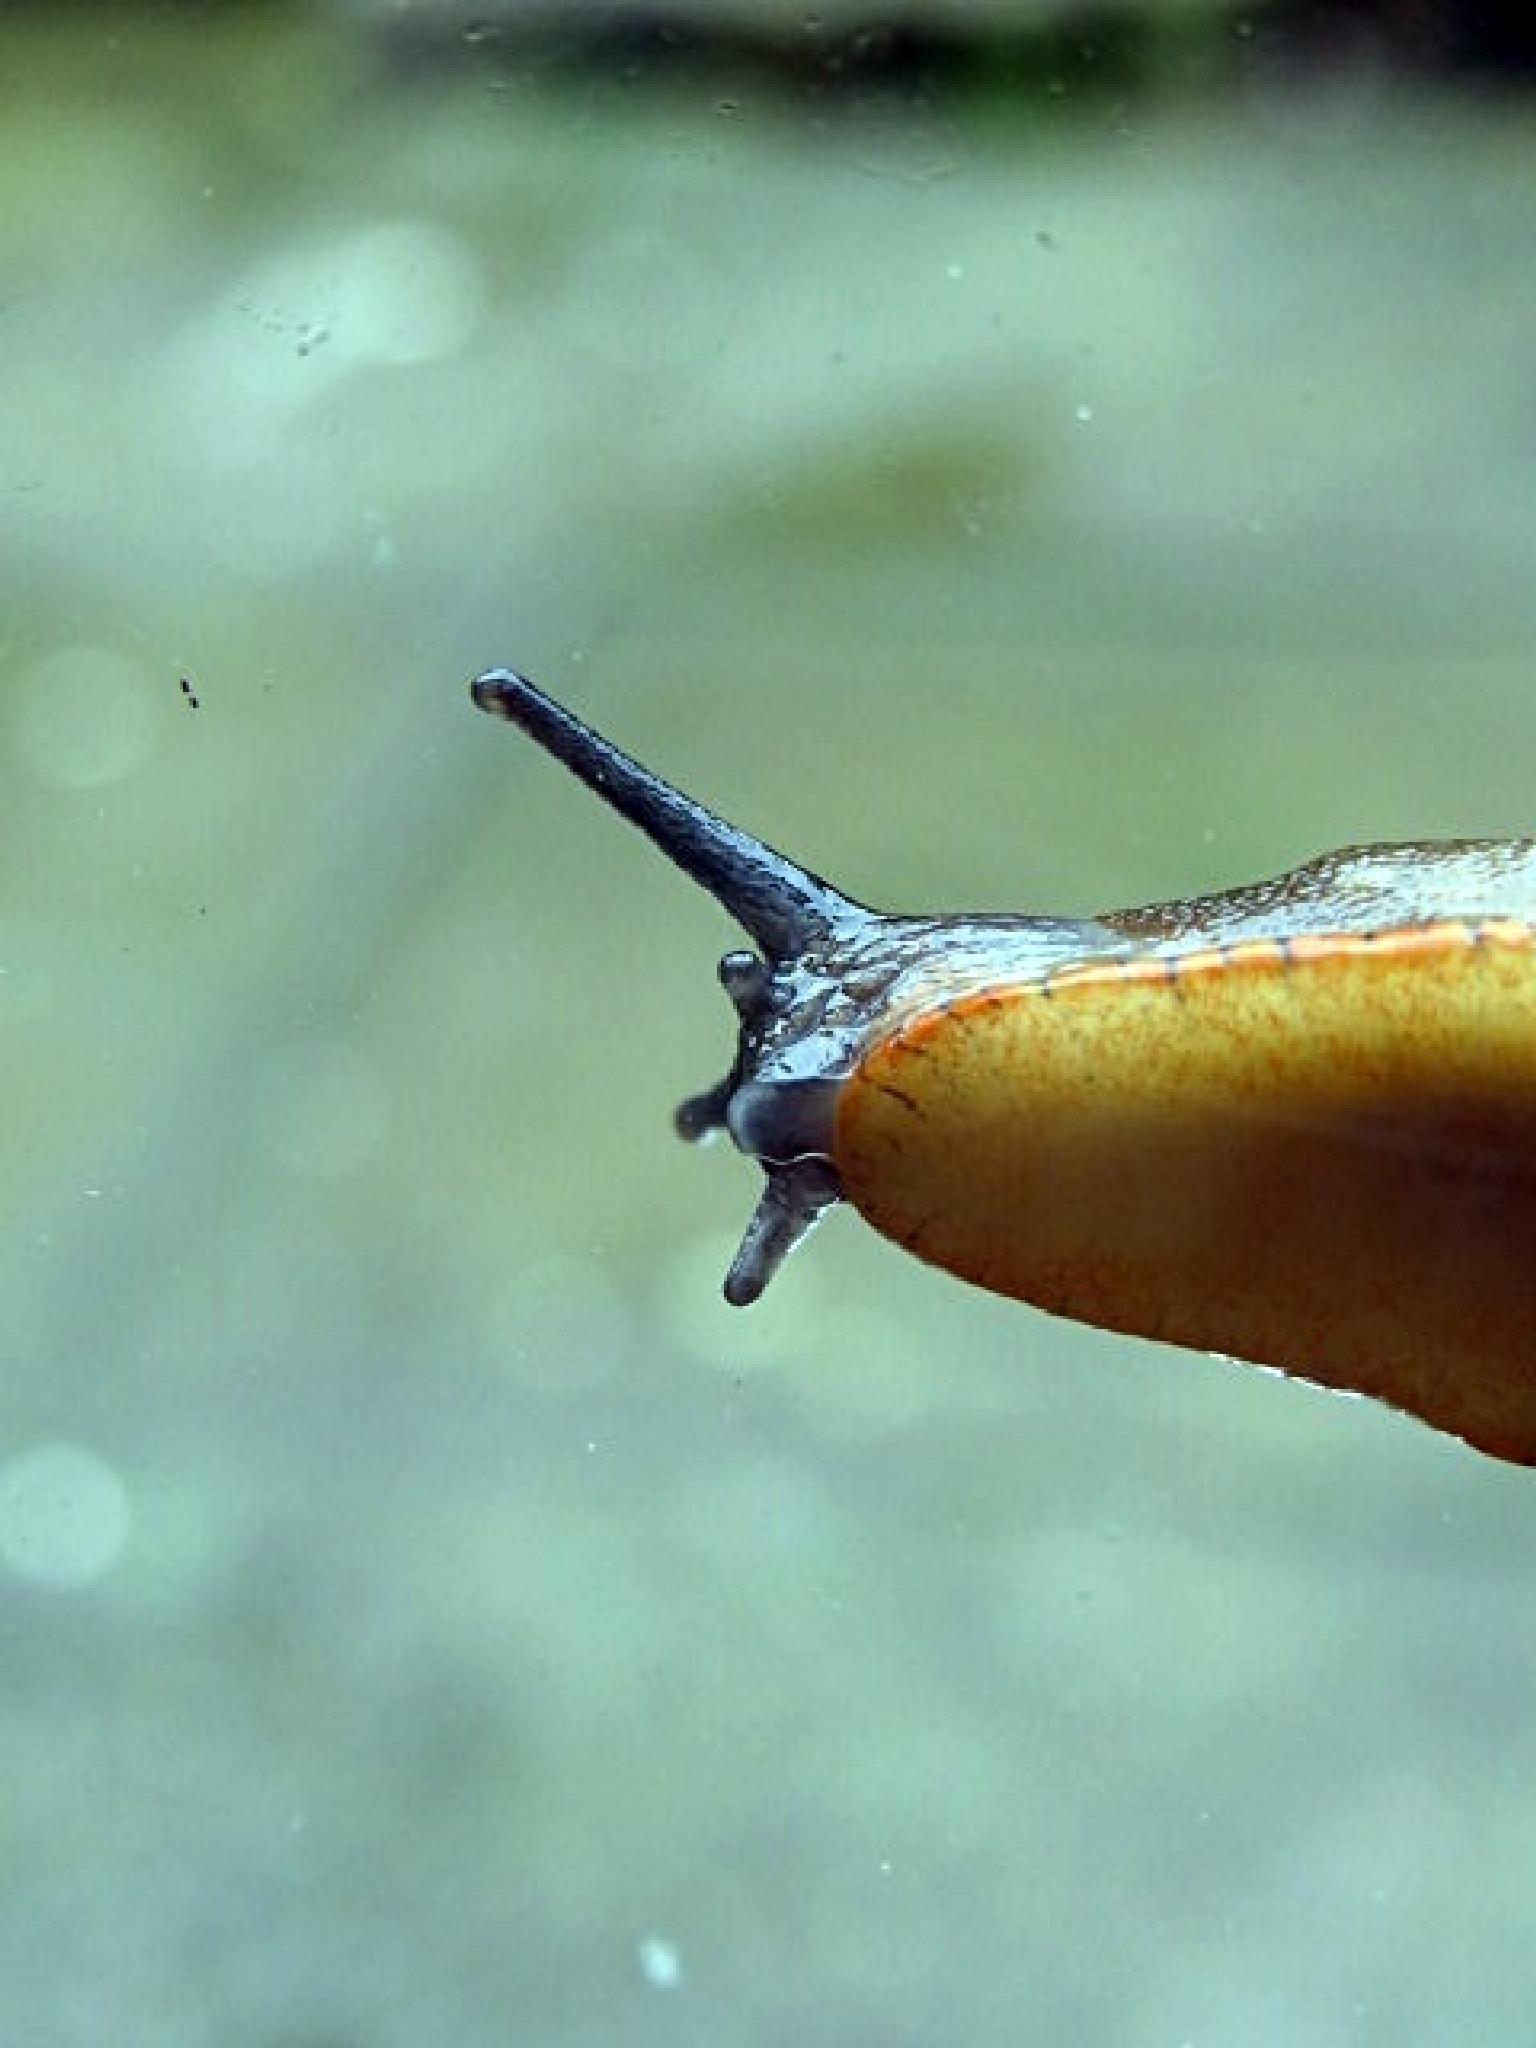 Slug by -Sarah Veness